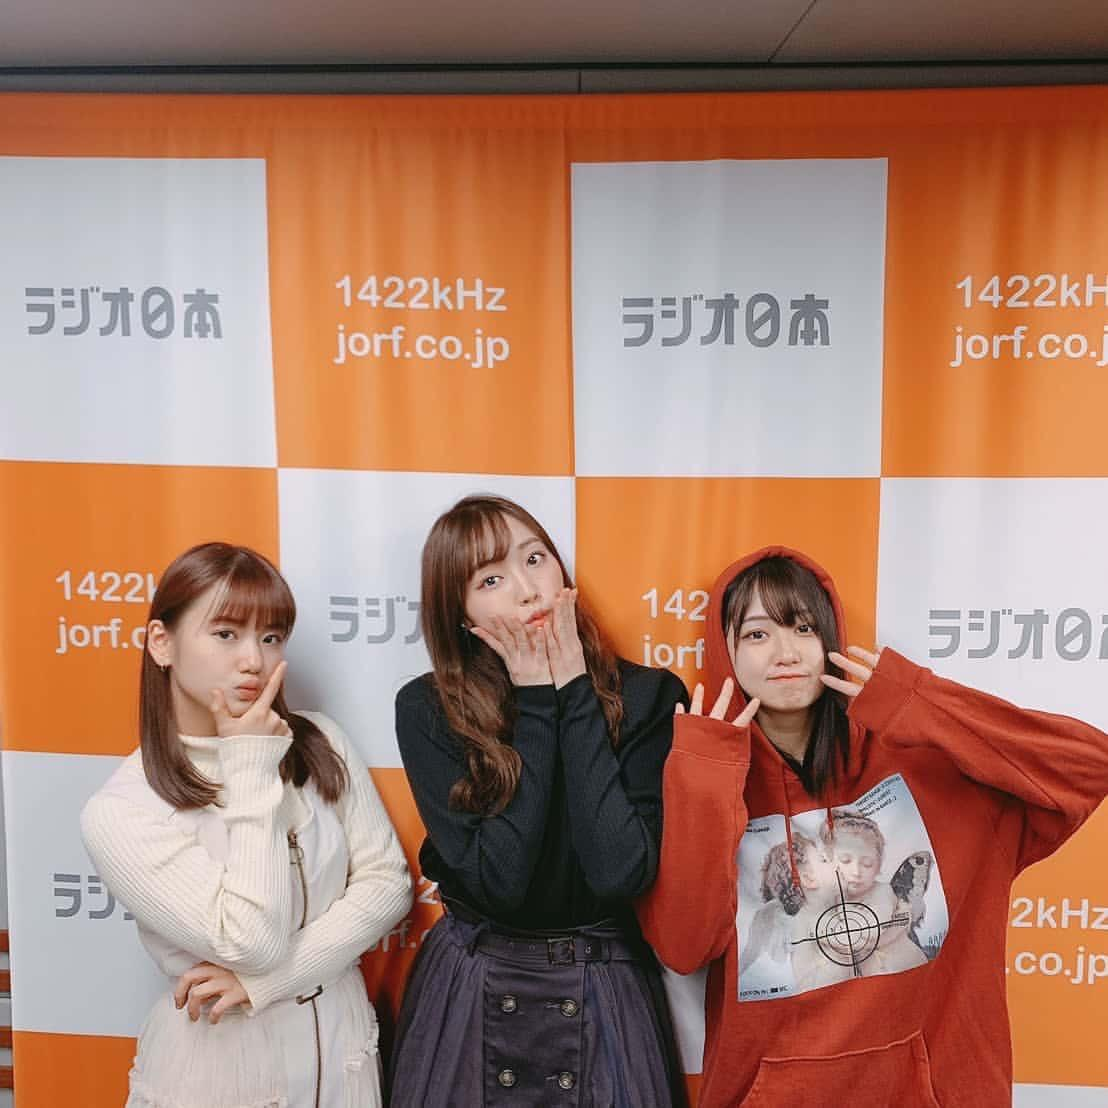 http://www.mybitchisajunky.com/whg/picture/8vMmypV_5e3e32a9ced67.jpg